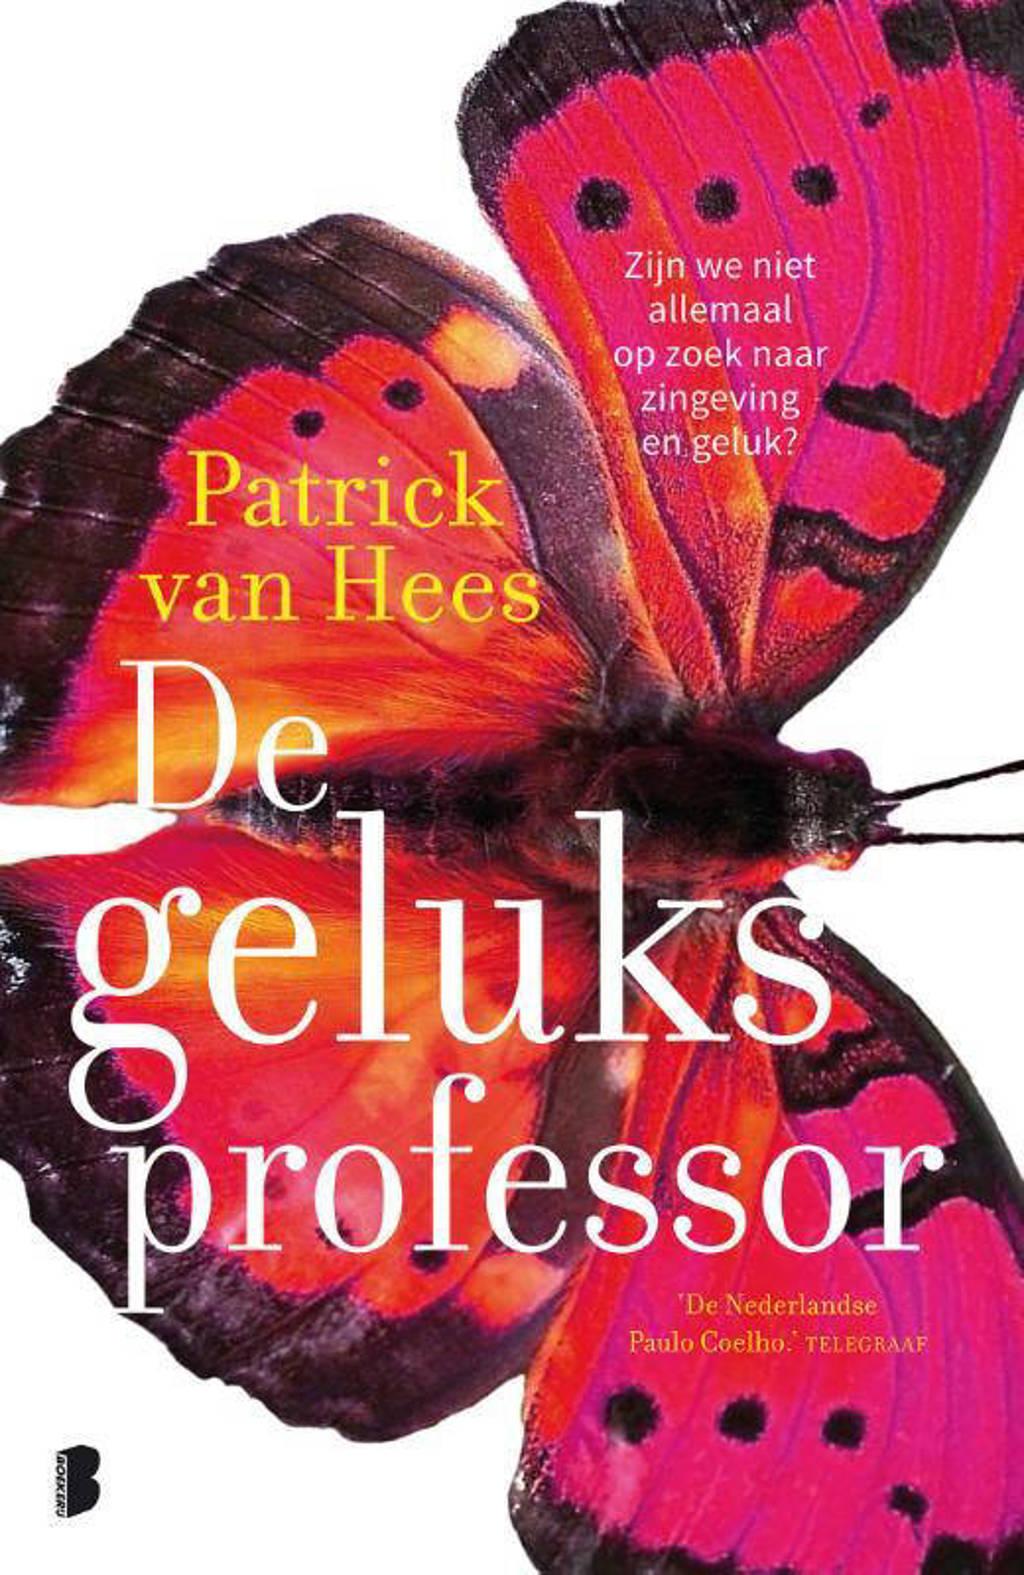 De geluksprofessor - Patrick van Hees